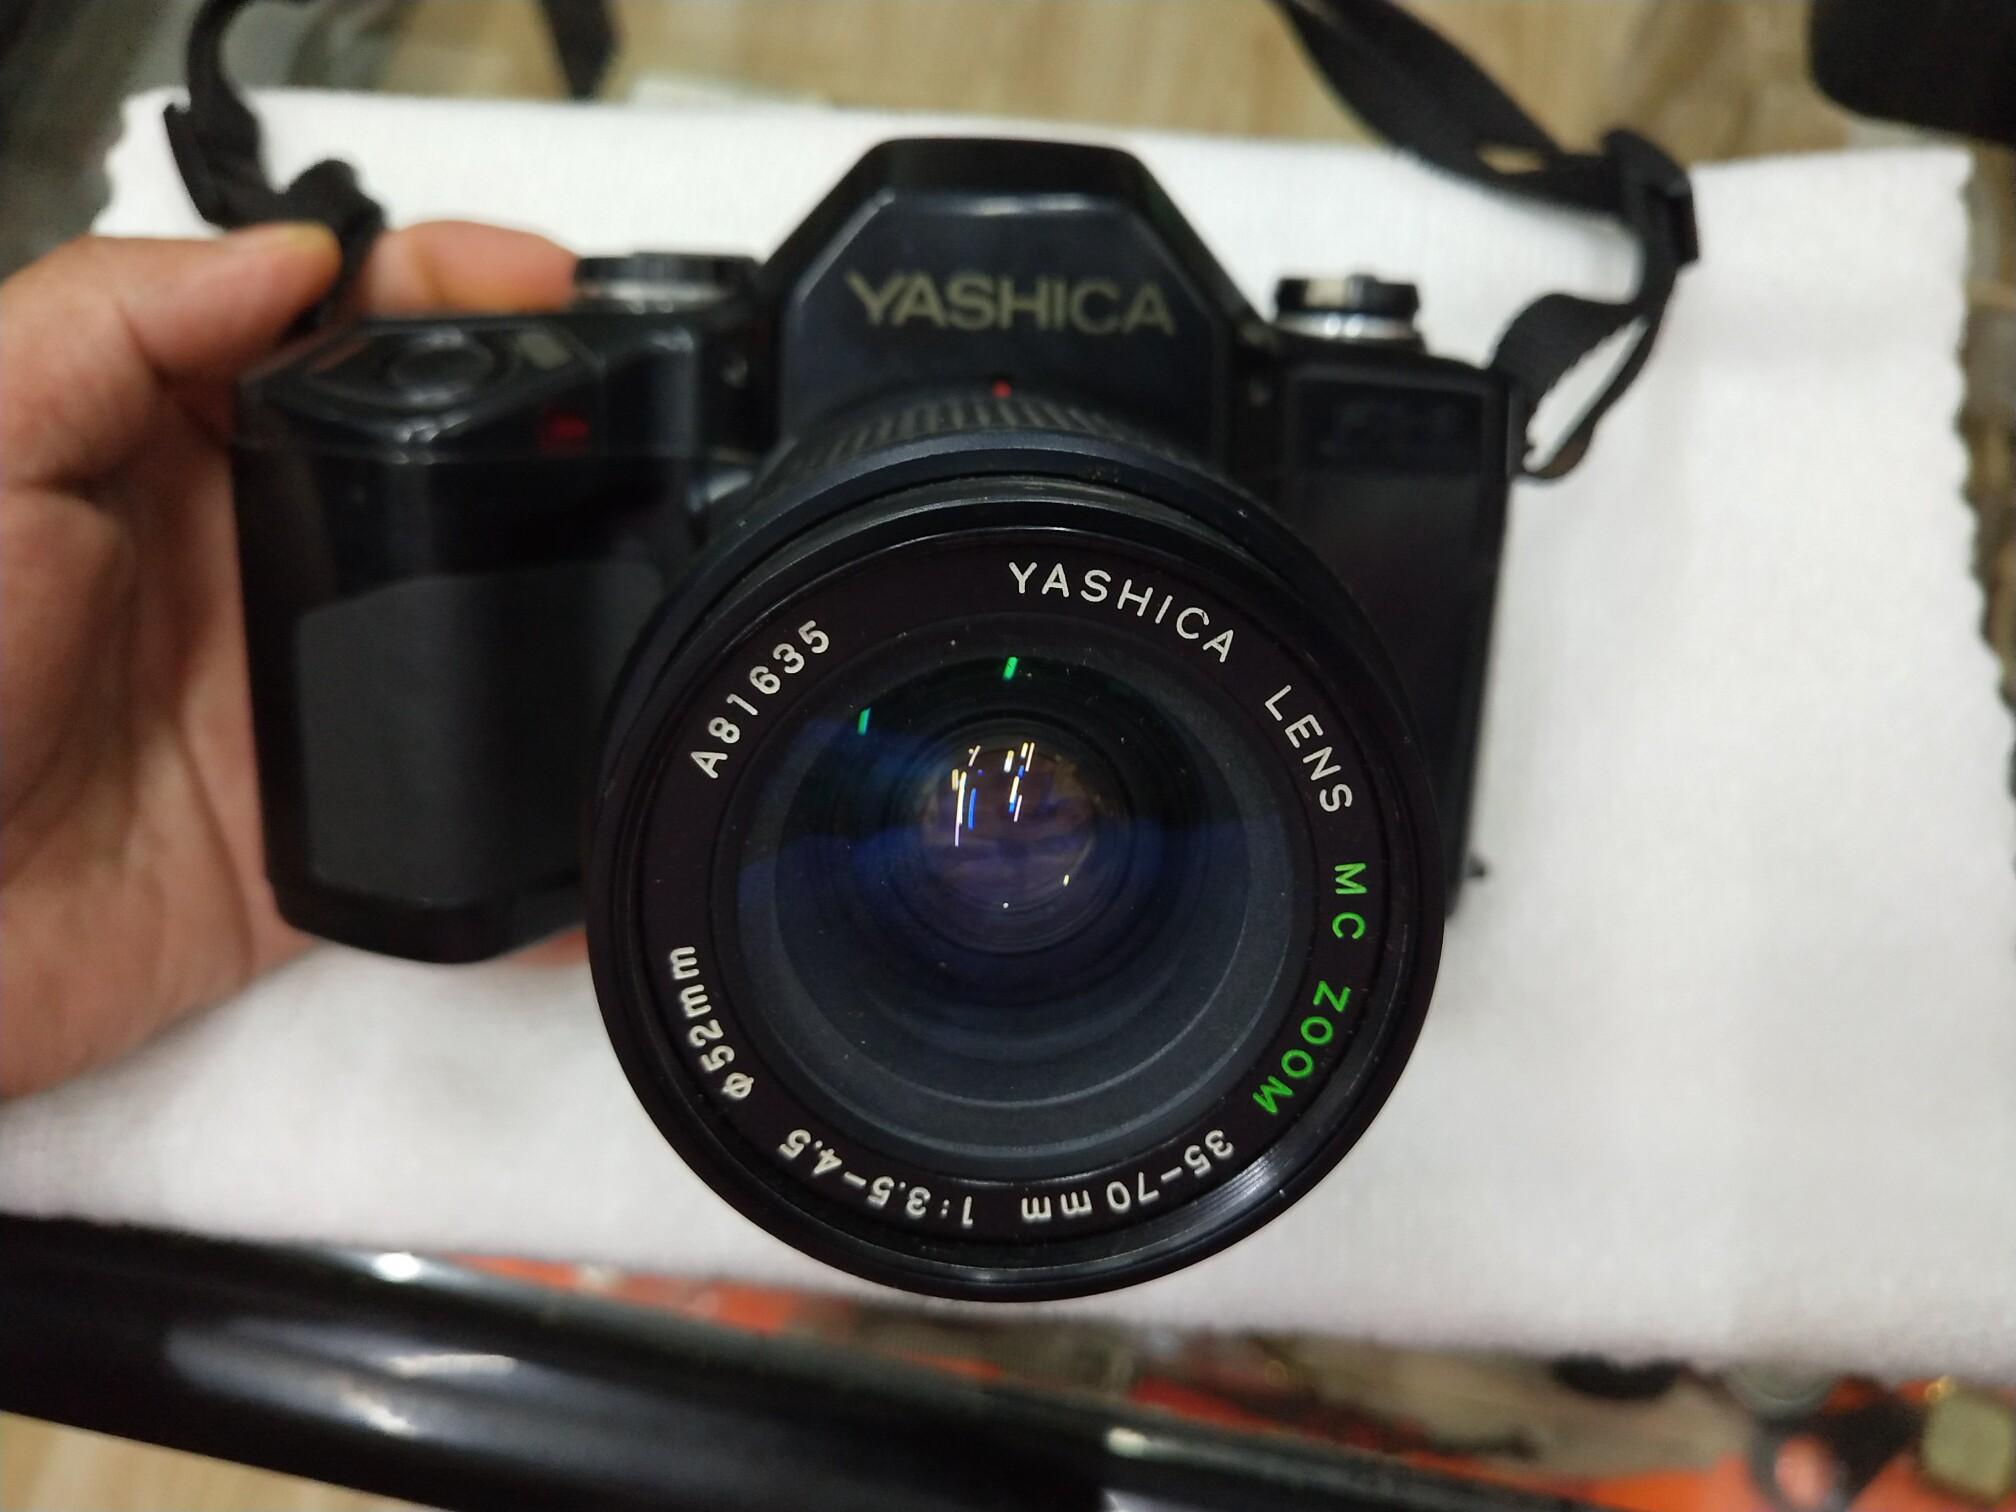 雅西卡FX-8型相机。